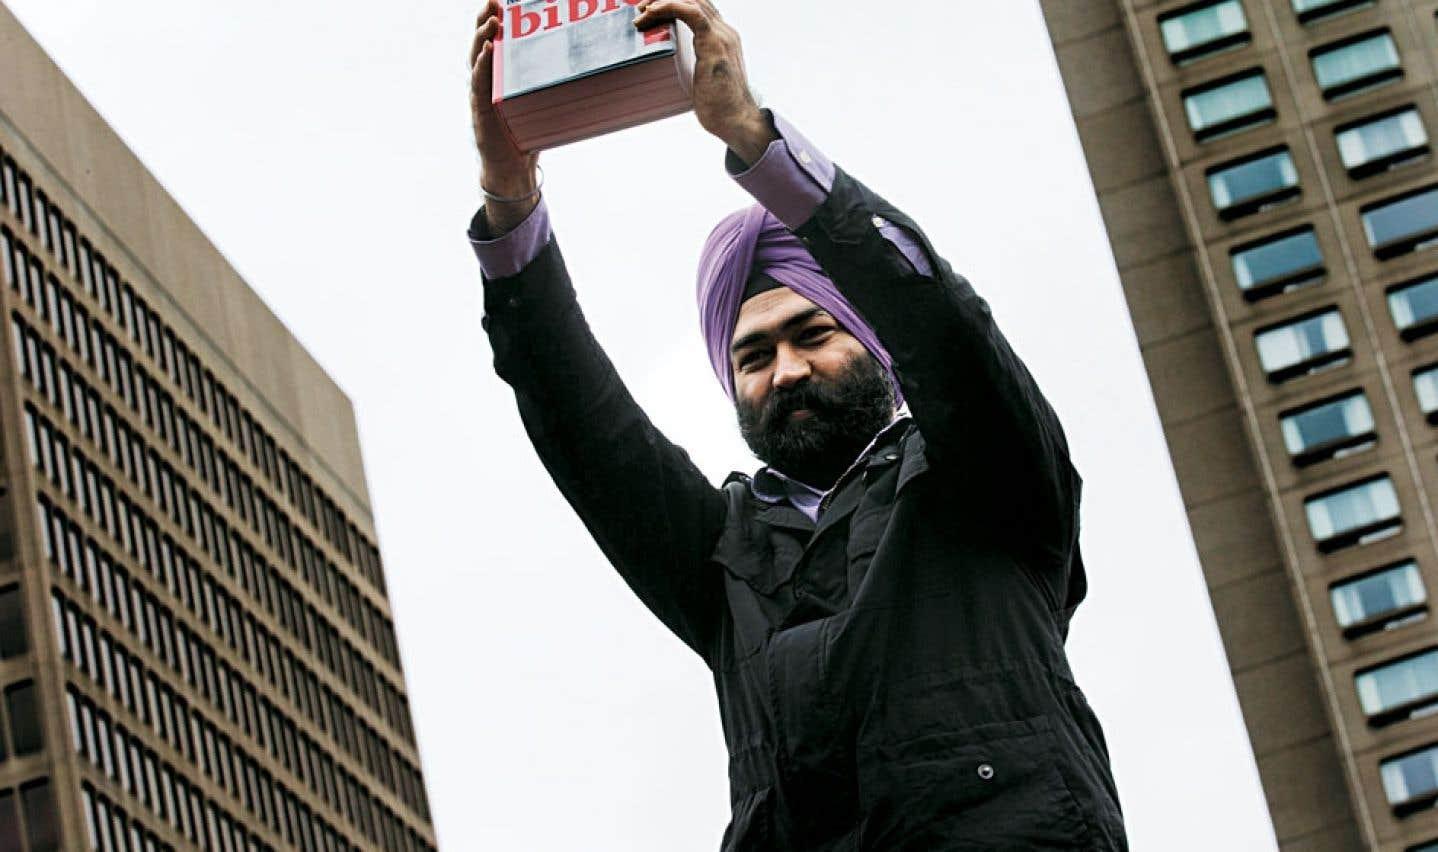 Le samedi 14 septembre se tenait une manifestation contre la Charte et son chapitre sur les signes religieux ostentatoires. Sikhs, musulmans, croyants et incroyants déambulaient par milliers dans les rues du centre-ville à l'invitation d'Adil Charkaoui.